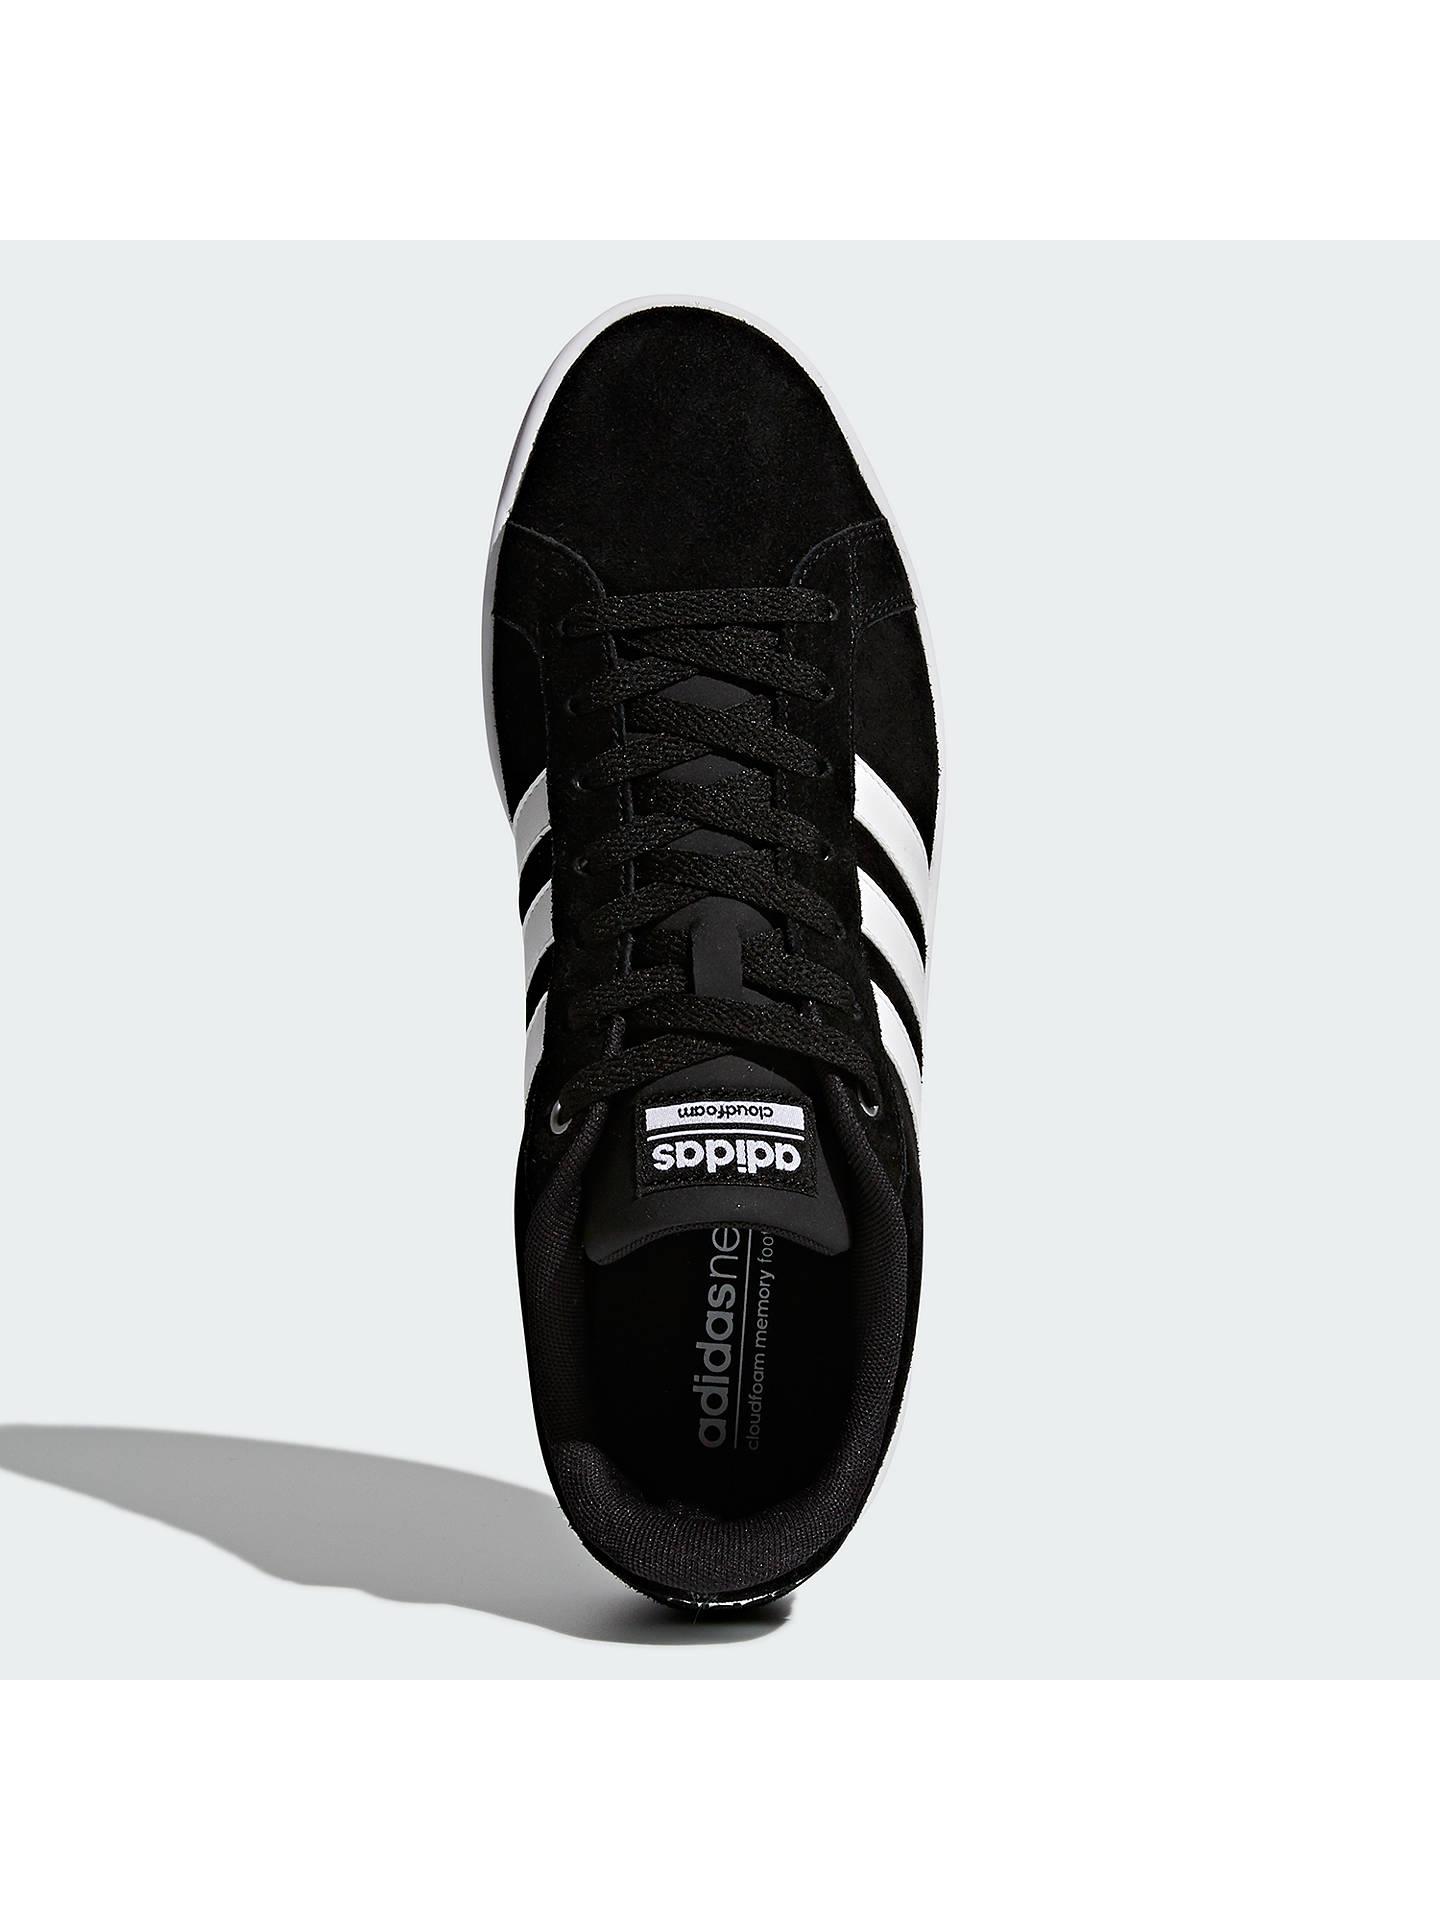 adidas neo advantage suede grey